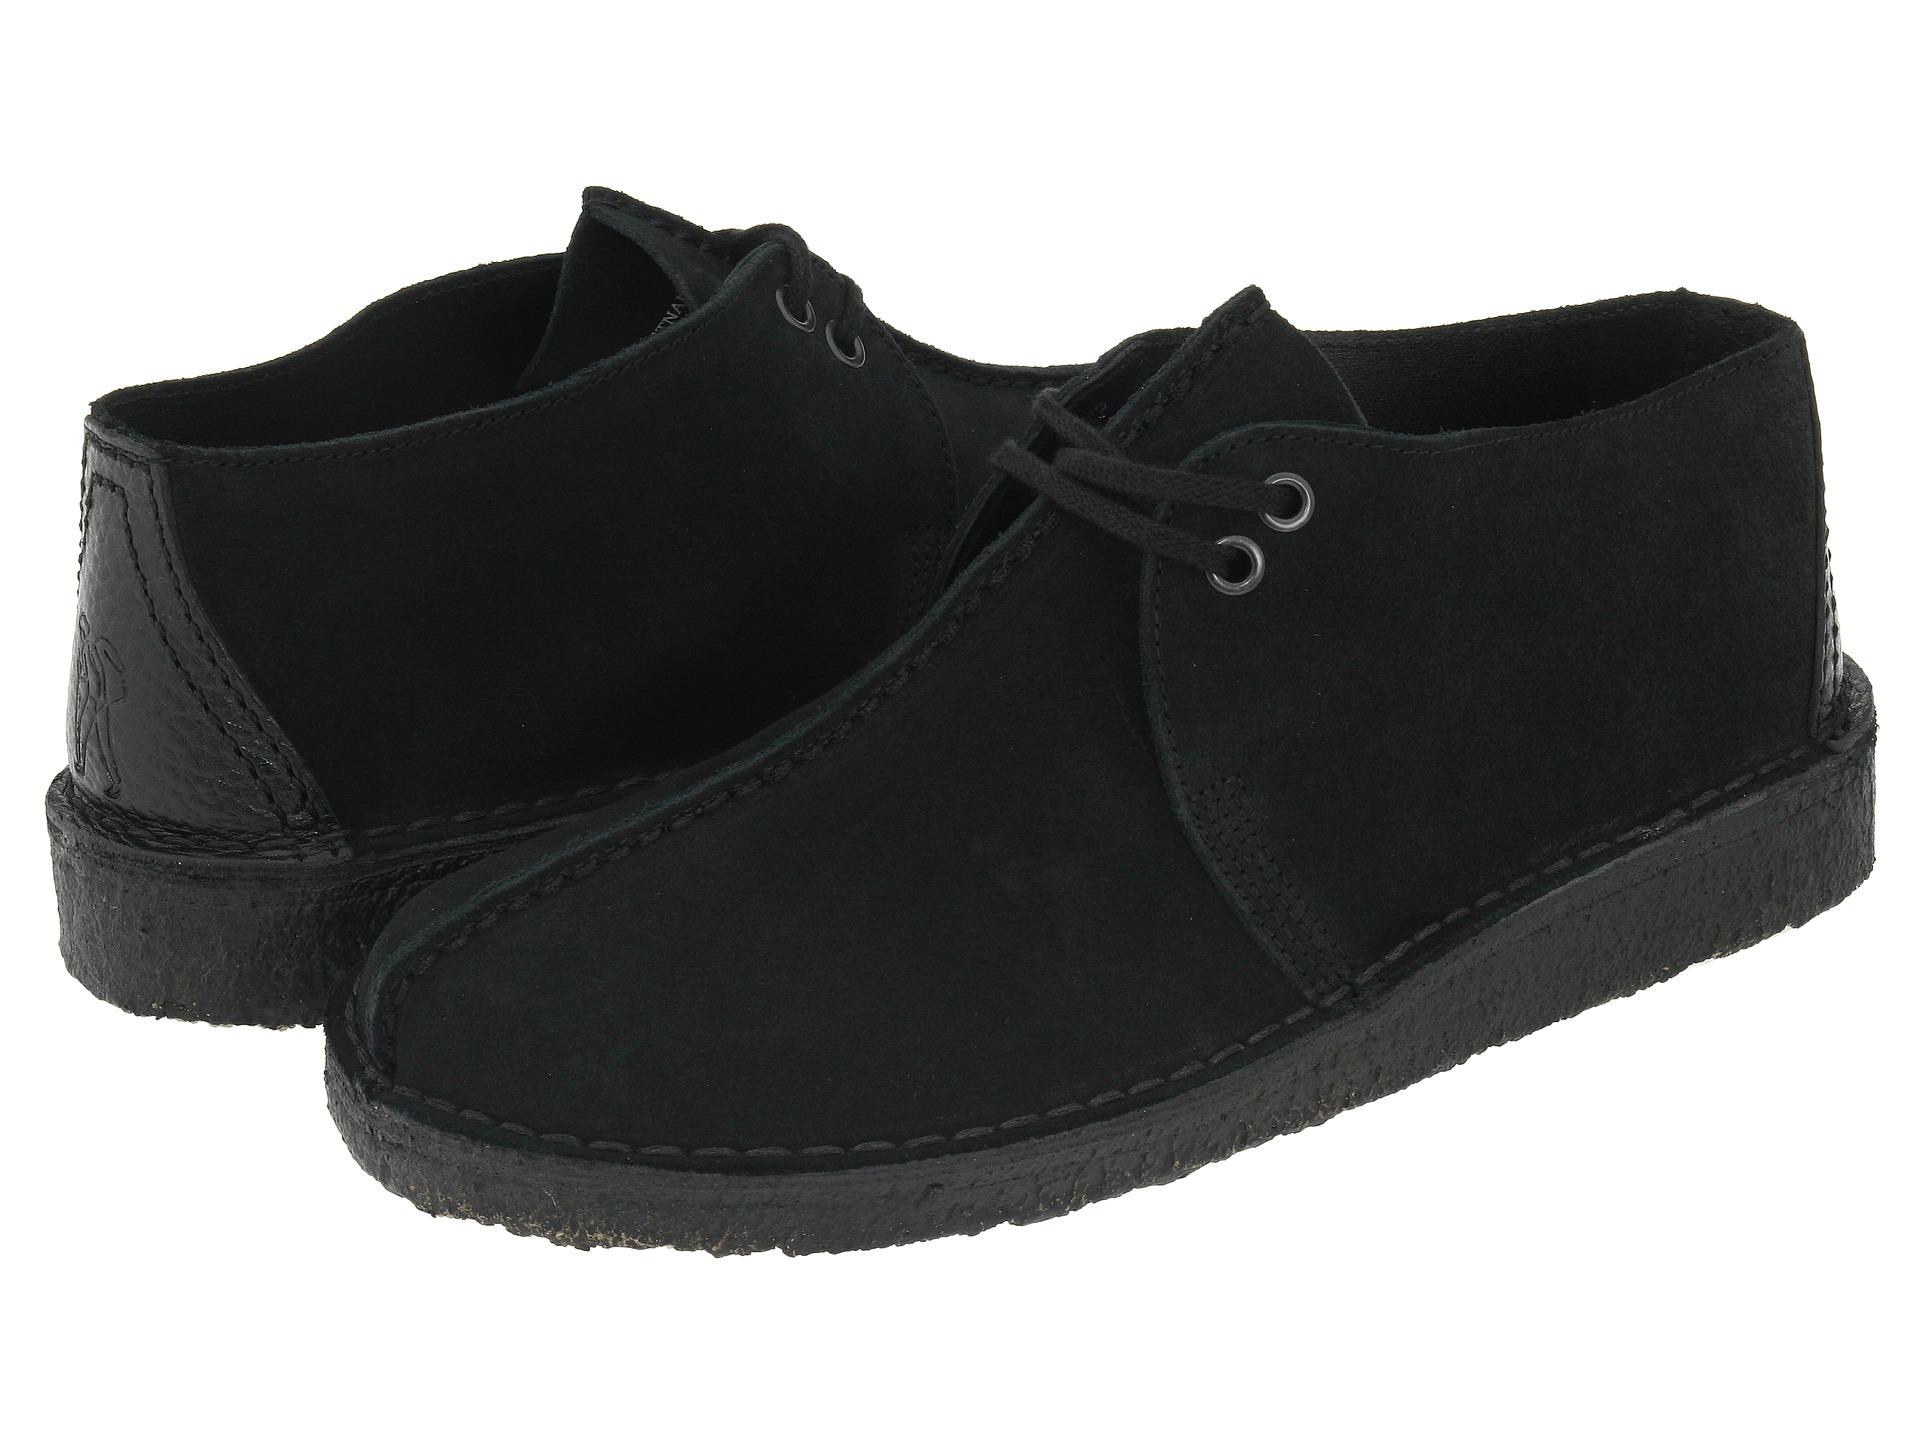 Clarks Desert Trek Black Leather Shoe